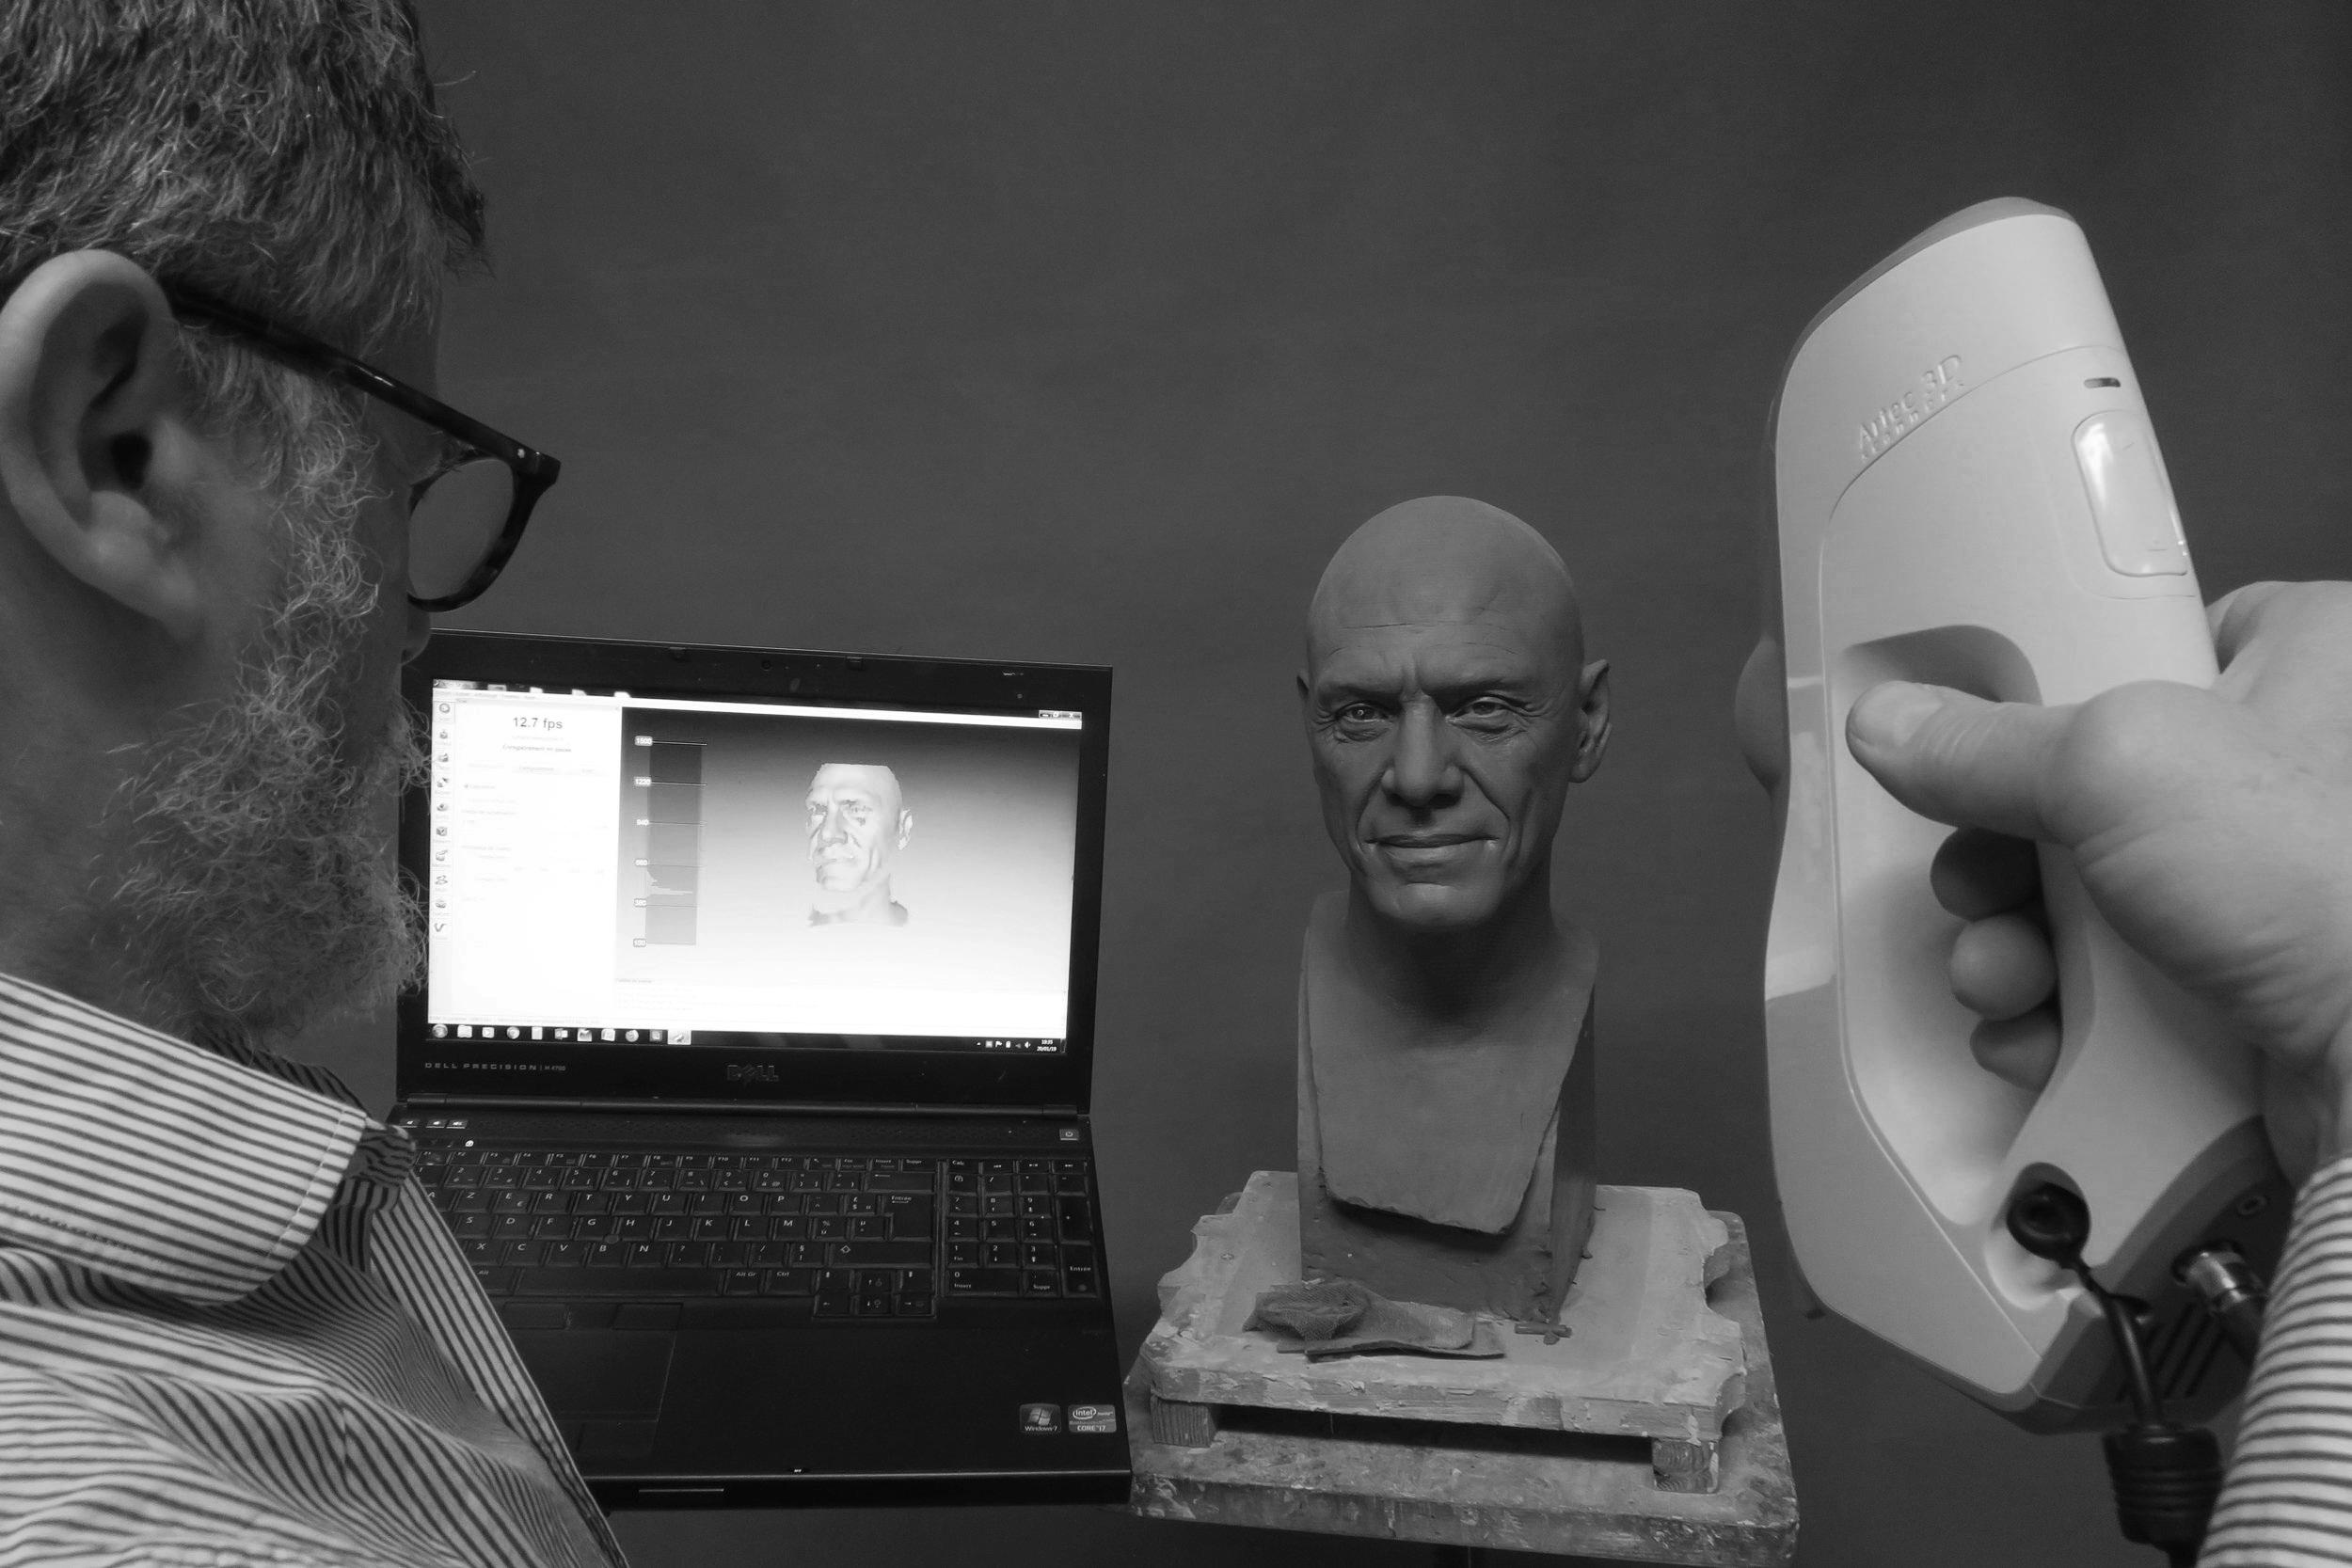 - 3D Scan